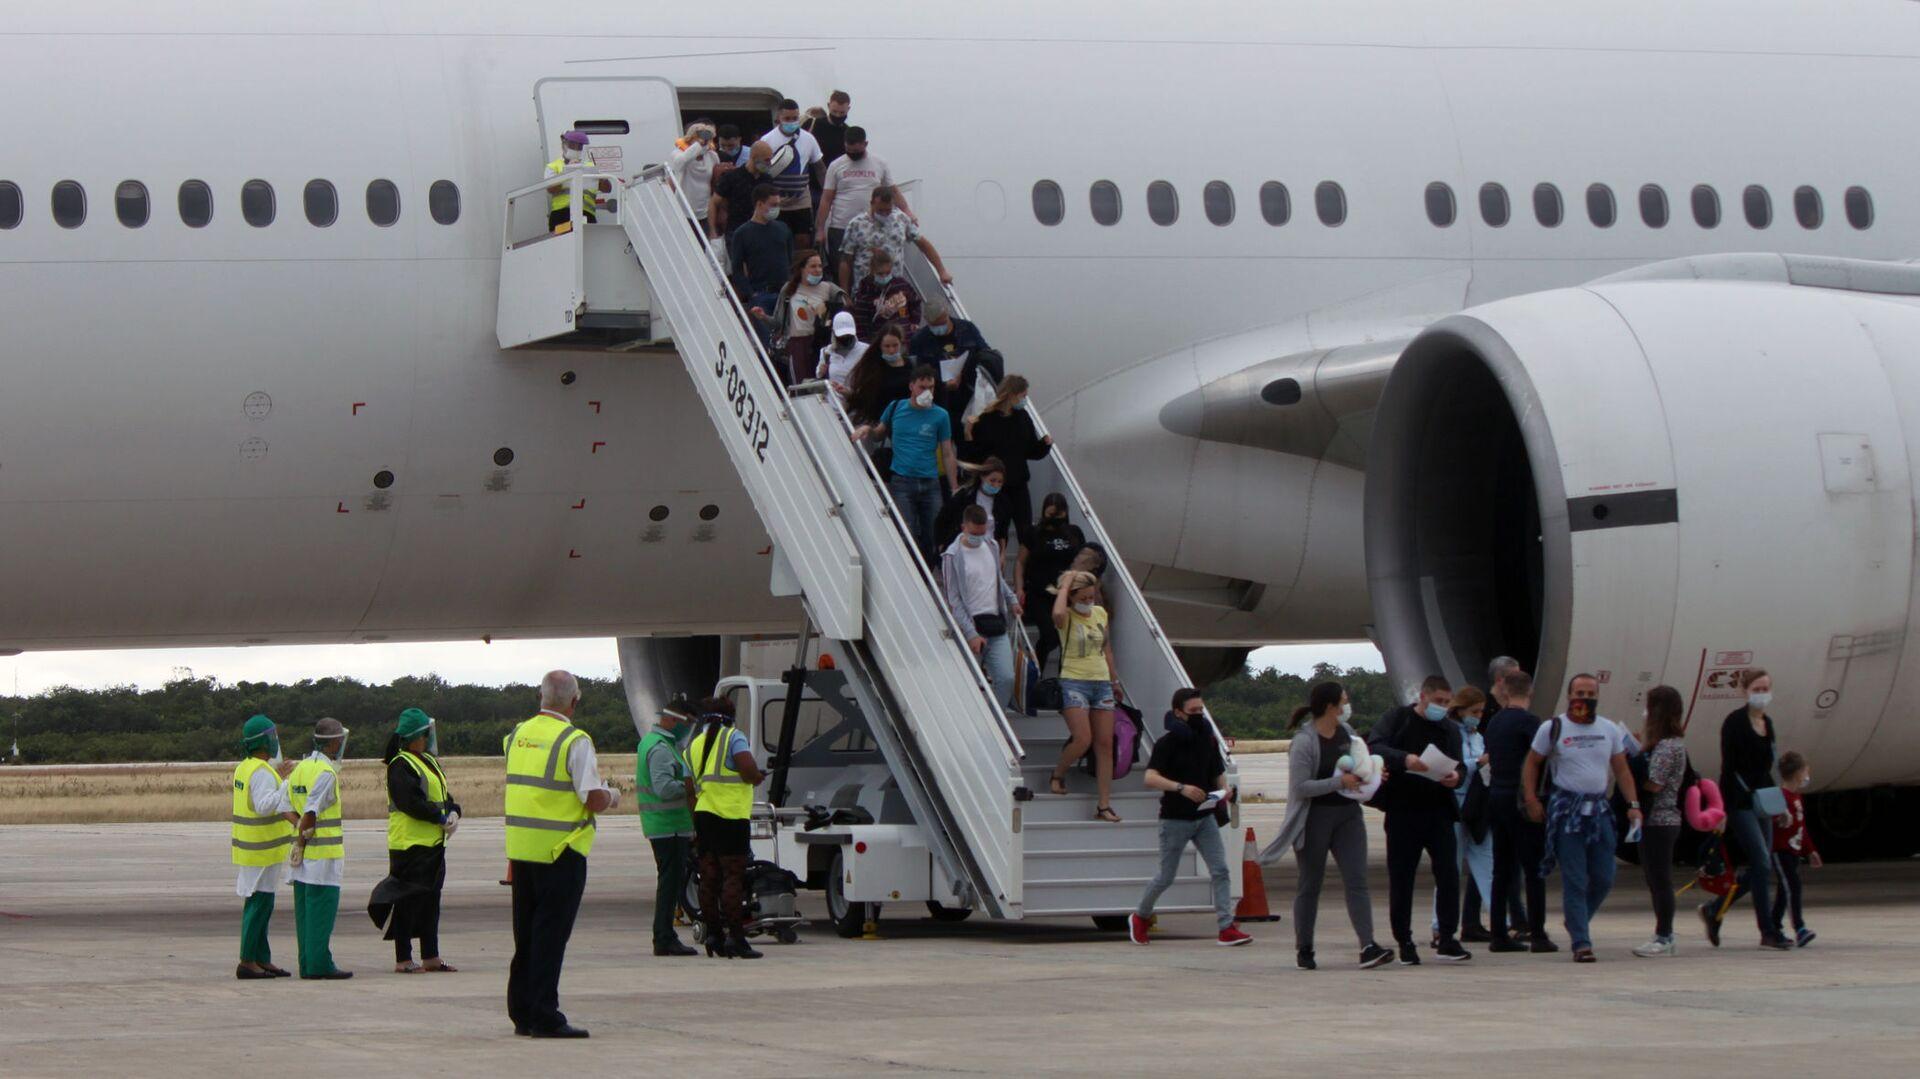 Turistas rusos llegando al aeropuerto Jardines del Rey, Cayo Coco, Cuba - Sputnik Mundo, 1920, 06.07.2021